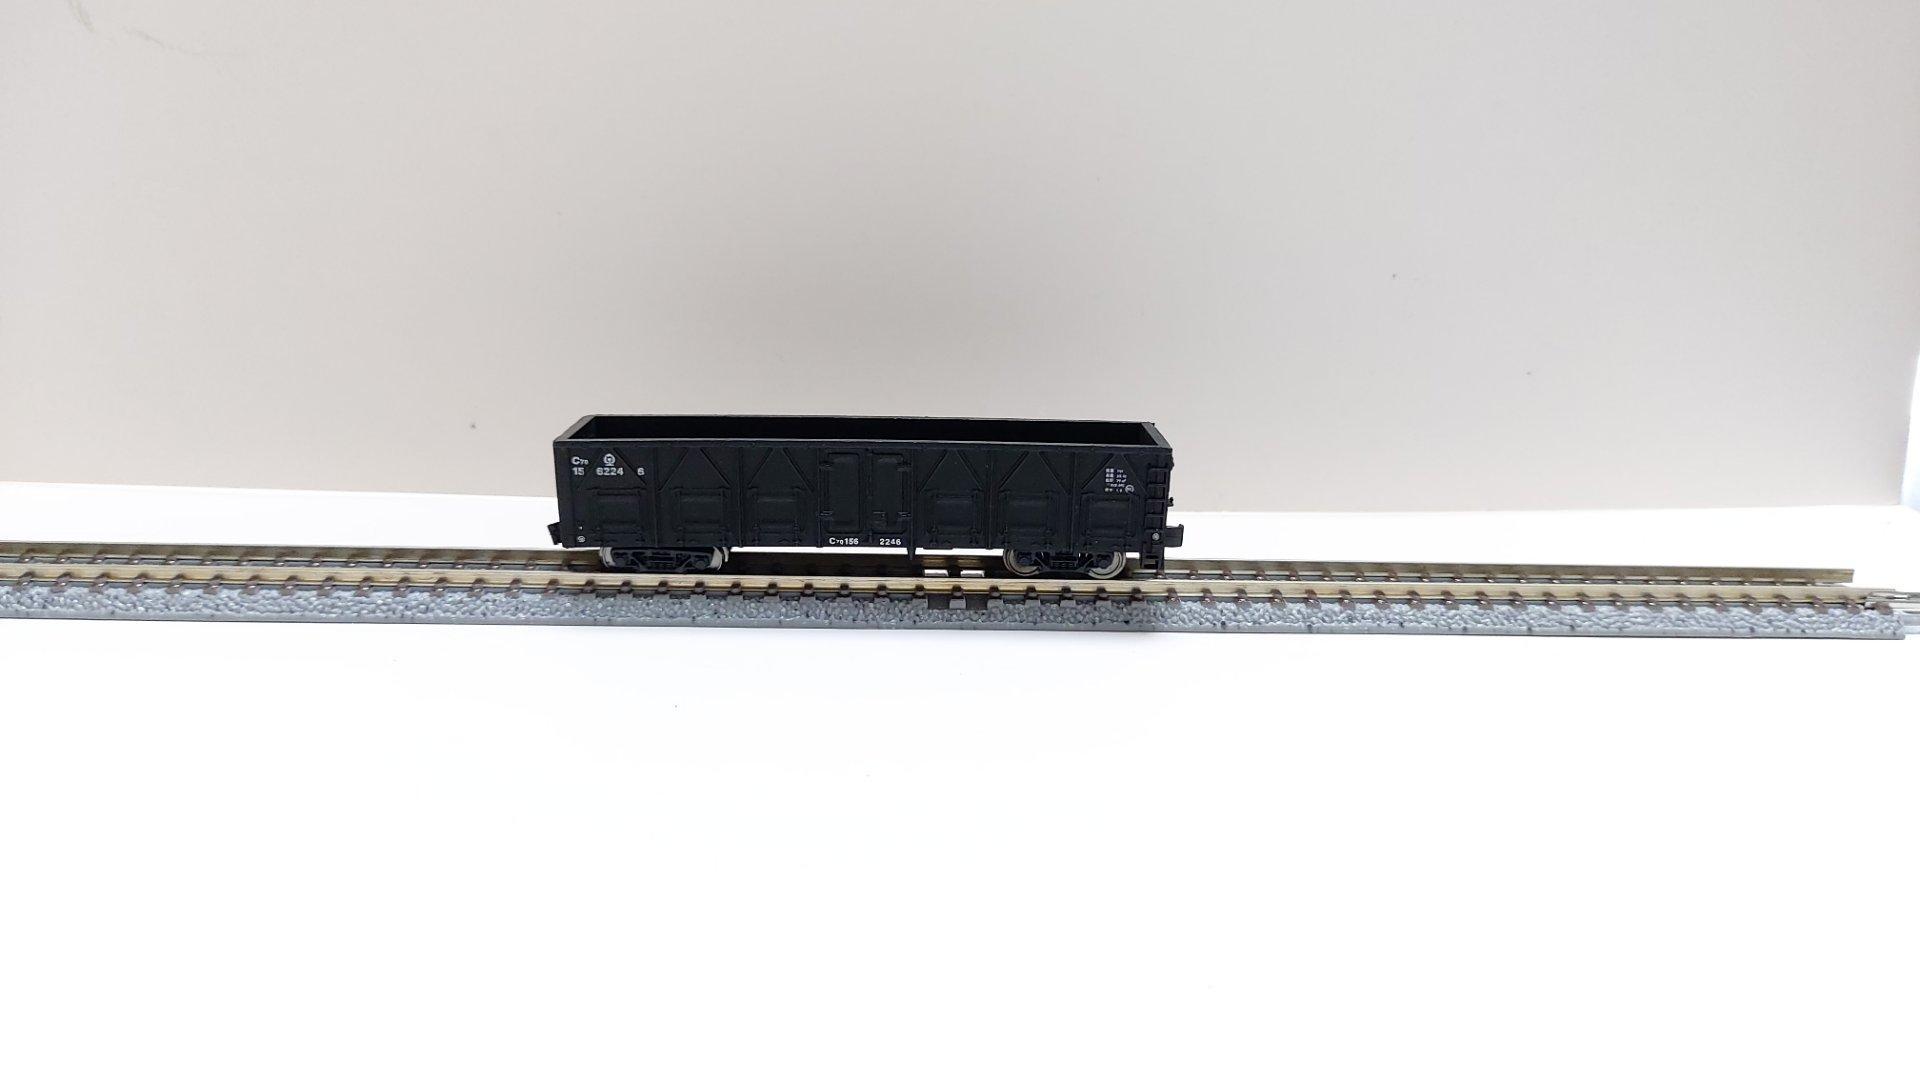 仿真火车车厢缩小版精密模型 4